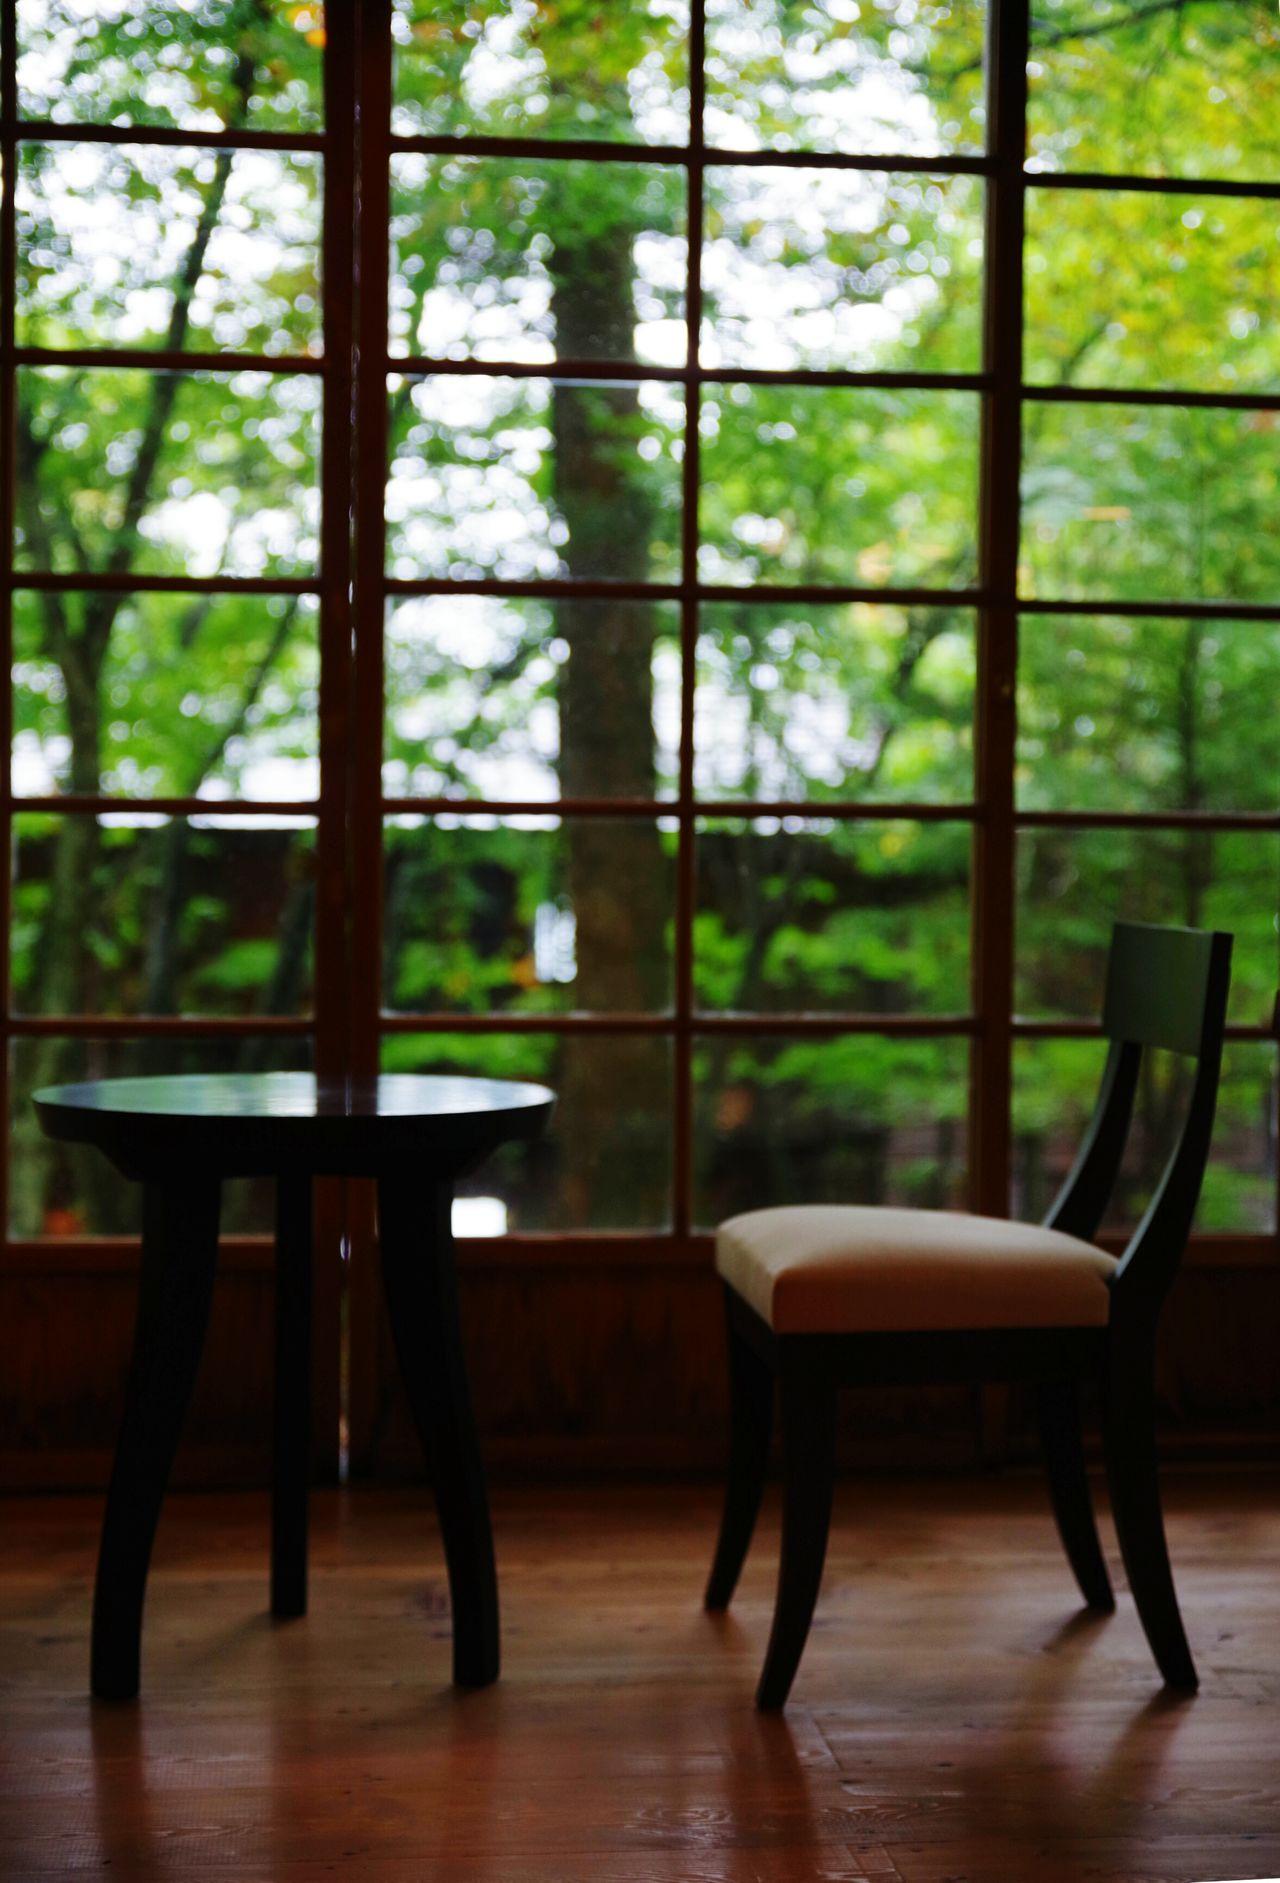 イタリア大使館別荘記念公園 の別棟にあるビデオは癒されます。1番のギターの音色はずっと聴いていたいくらい。 日光 Beautiful Japan Rainy Days Raindrops On My Window Indoors  Nice View EyeEmBestPics